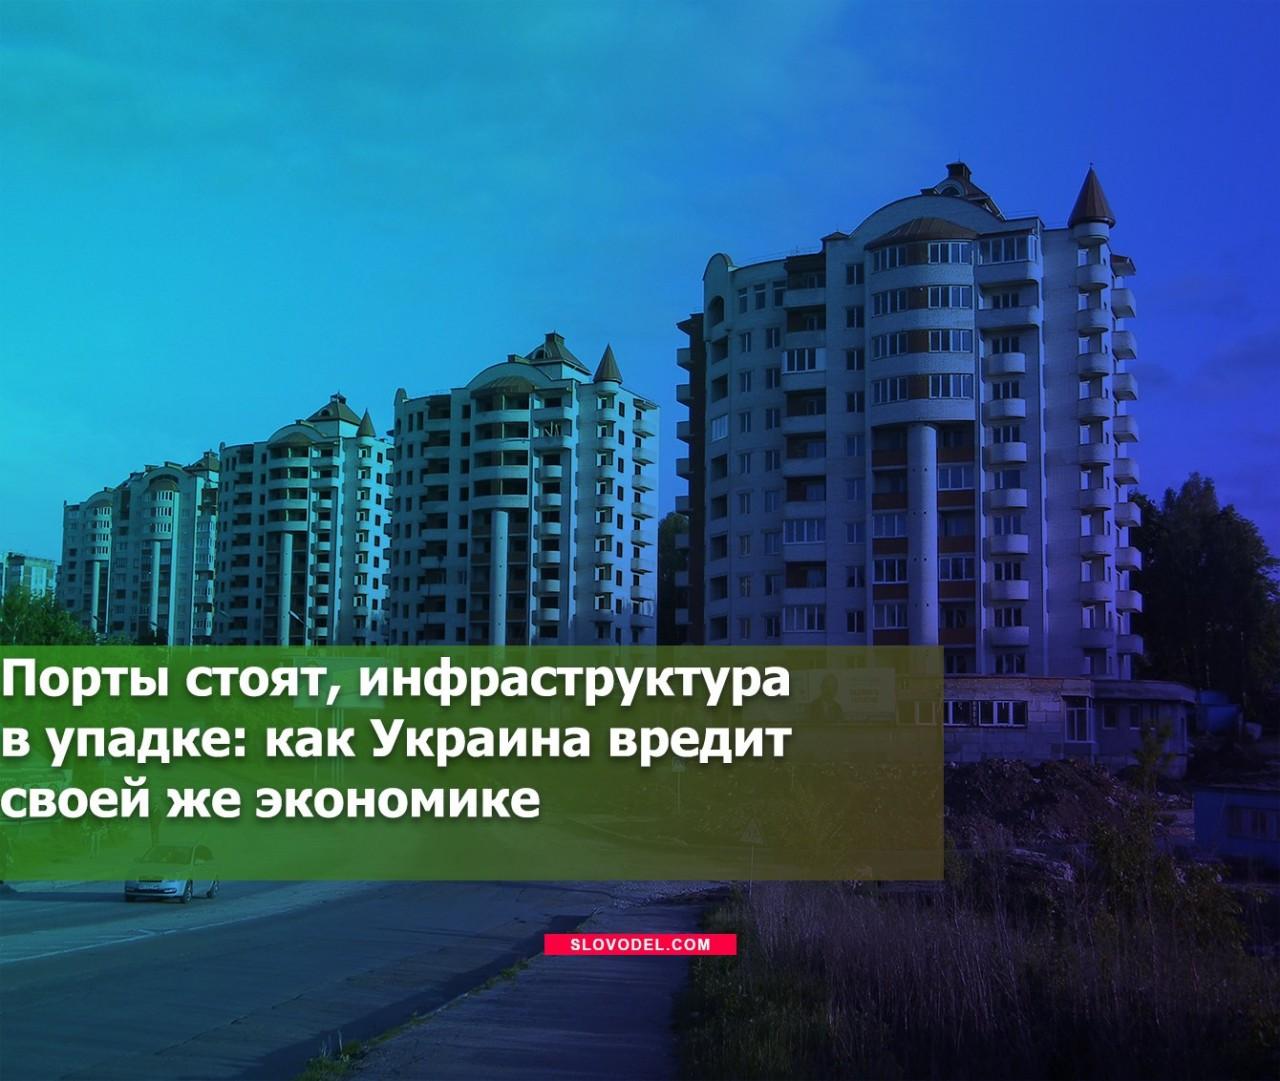 Порты стоят, инфраструктура в упадке: как Украина вредит своей же экономике